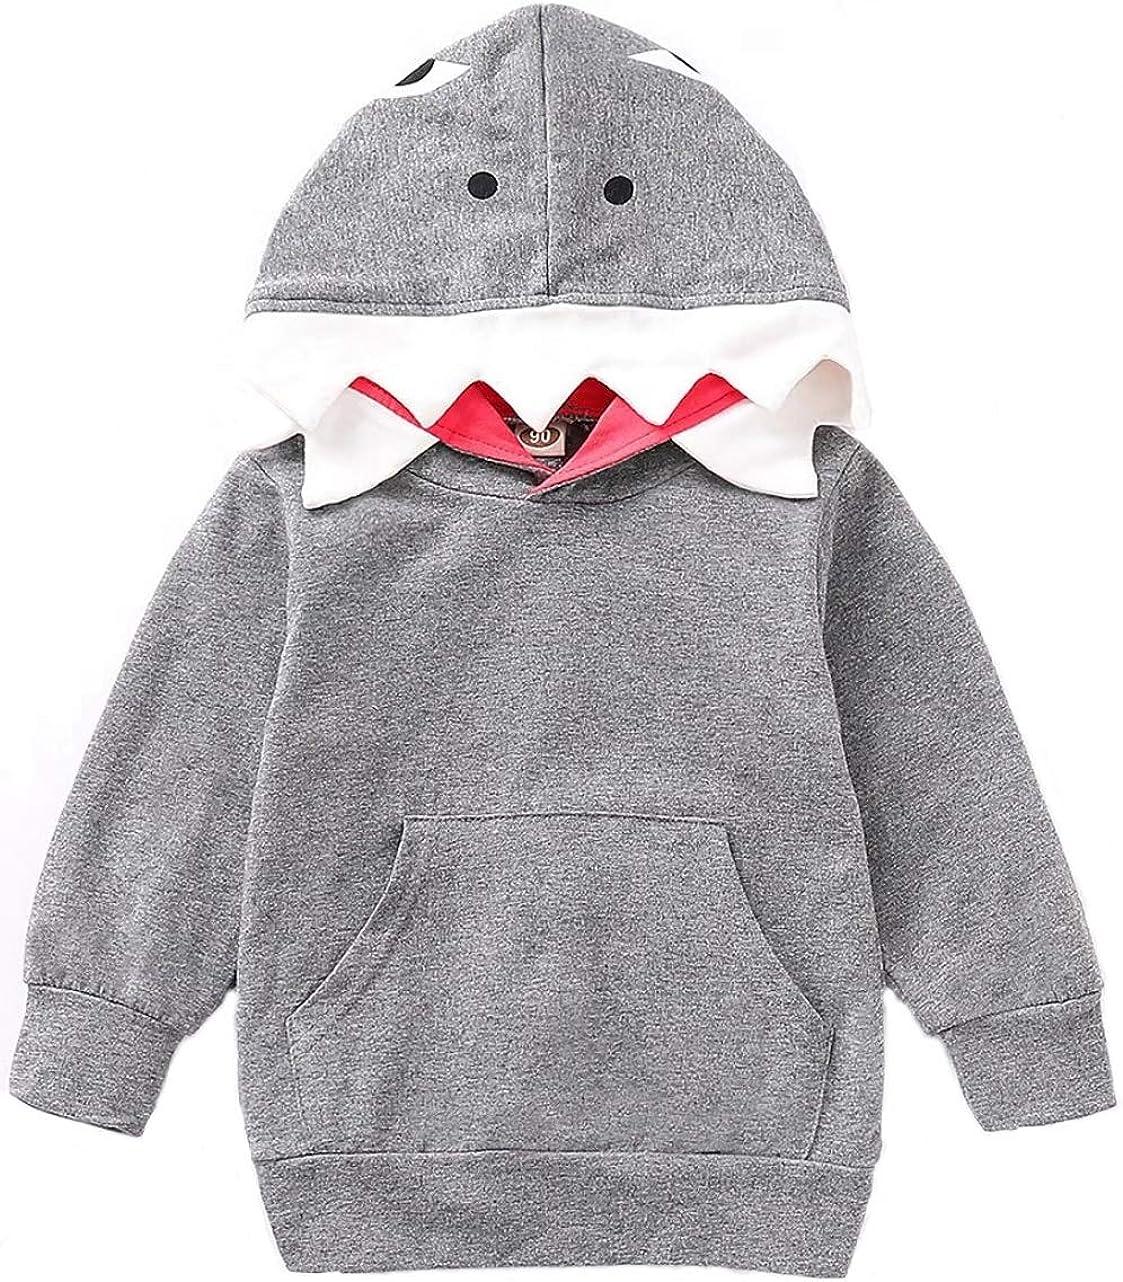 Kids Toddler Boy Girl Long Sleeve Shark Hoodie Sweatshirt Hooded Tops with Pocket 1-5T